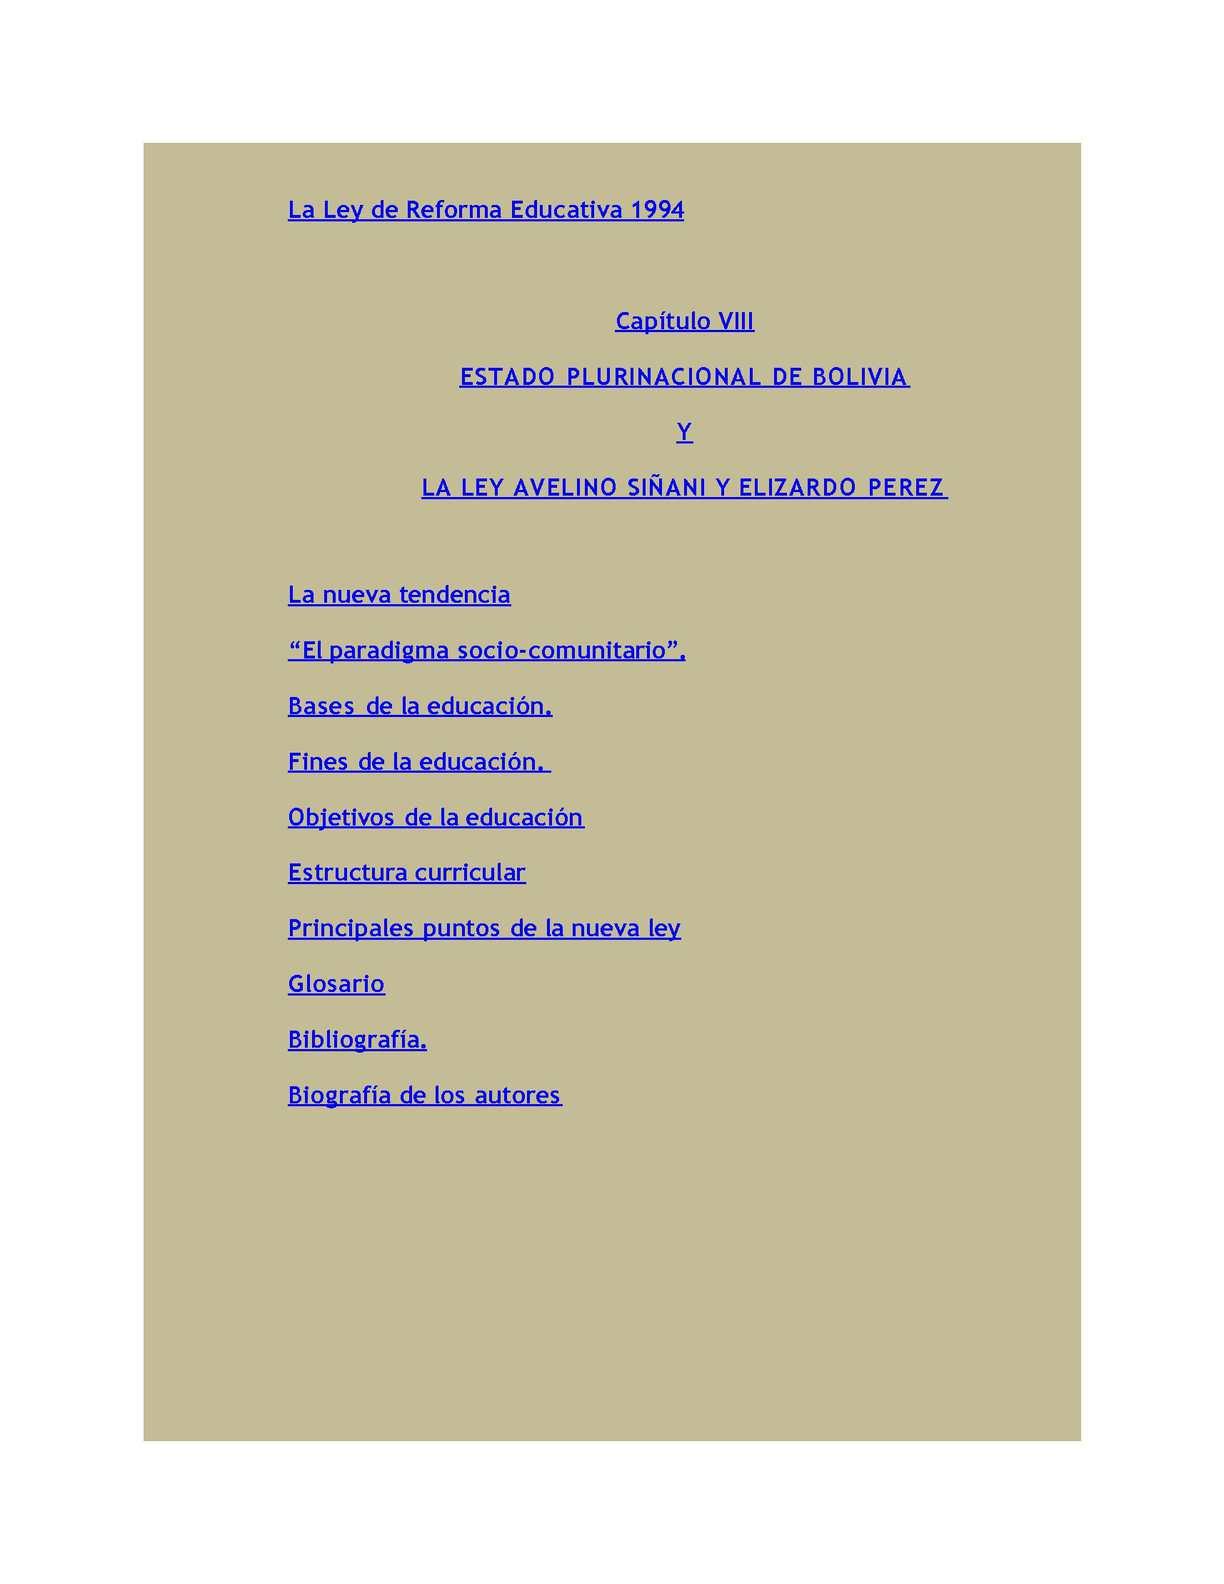 Historia De La Educación En Bolivia Calameo Downloader